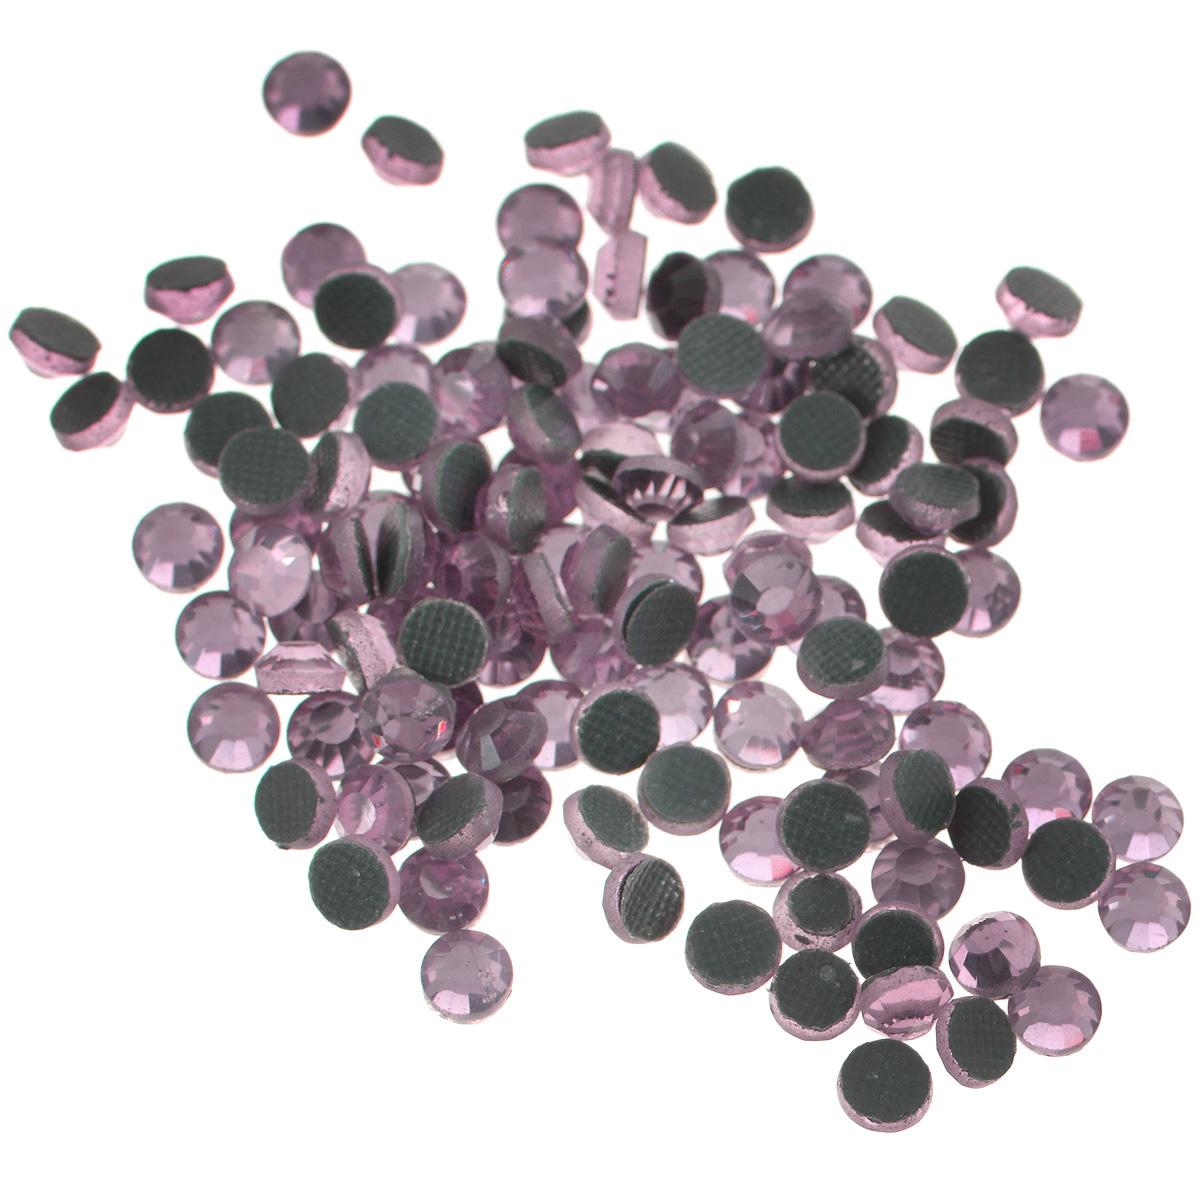 Стразы термоклеевые Cristal, цвет: бледно-розовый (212), диаметр 4 мм, 144 шт7706831_212Набор термоклеевых страз Cristal, изготовленный из высококачественного акрила, позволит вам украсить одежду, аксессуары или текстиль. Яркие стразы имеют плоское дно и круглую поверхность с гранями. Дно термоклеевых страз уже обработано особым клеем, который под воздействием высоких температур начинает плавиться, приклеиваясь, таким образом, к требуемой поверхности. Чаще всего их используют в текстильной промышленности: стразы прикладывают к ткани и проглаживают утюгом с обратной стороны. Также можно использовать специальный паяльник. Украшение стразами поможет сделать любую вещь оригинальной и неповторимой. Диаметр стразы: 4 мм.